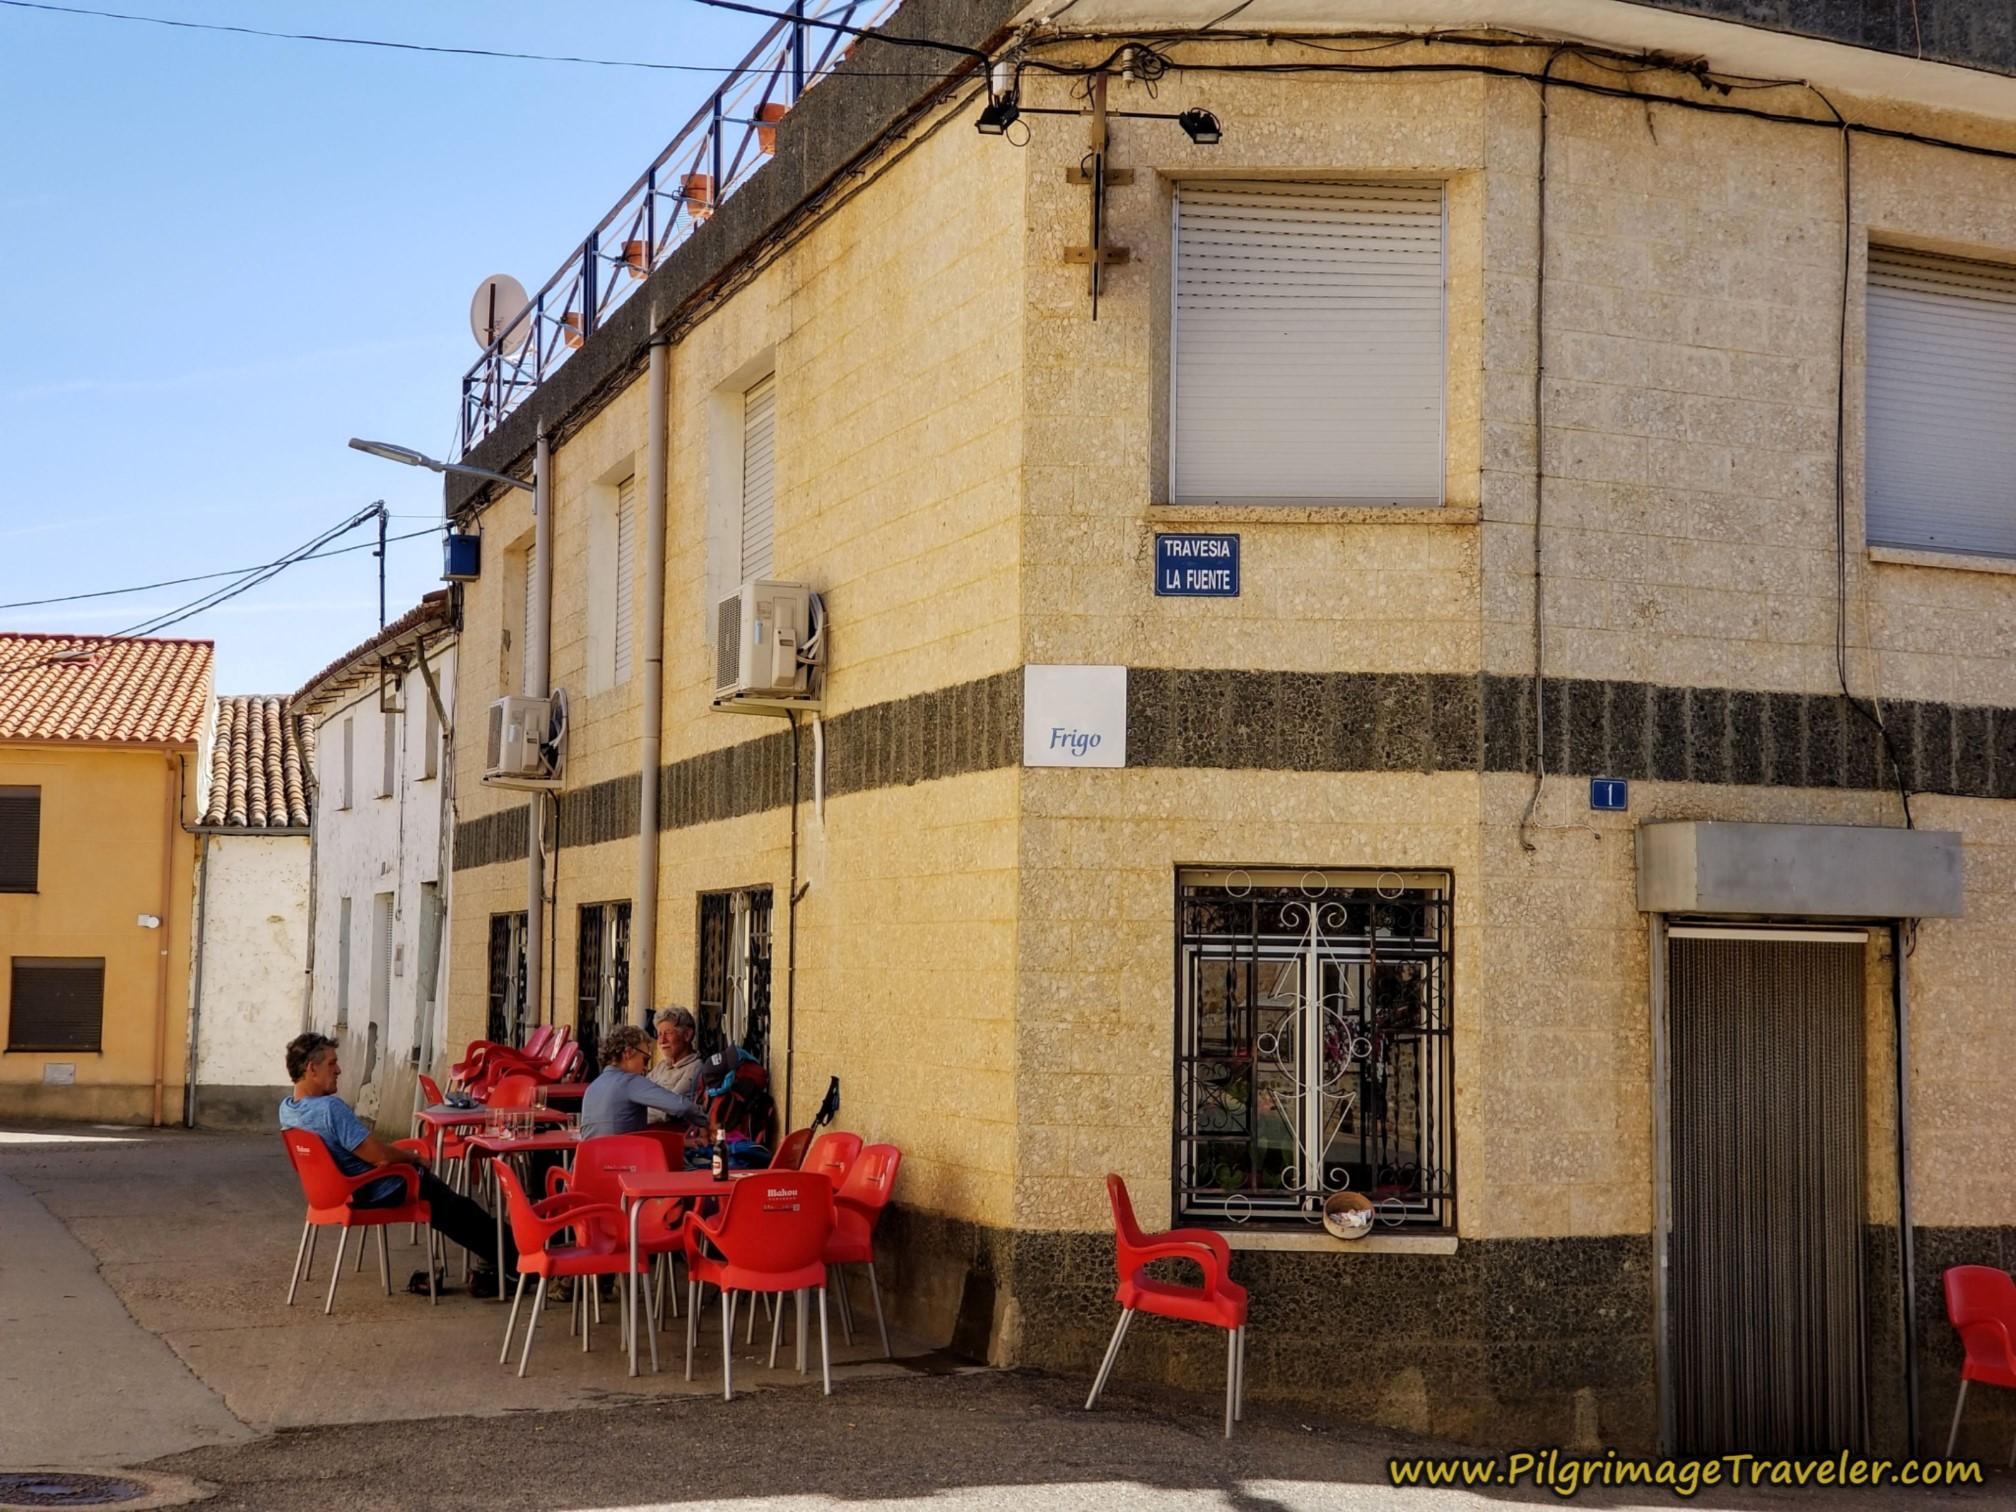 Respite at the Bar Boya on the Camino Sanabrés from Granja de Moreruela to Tábara